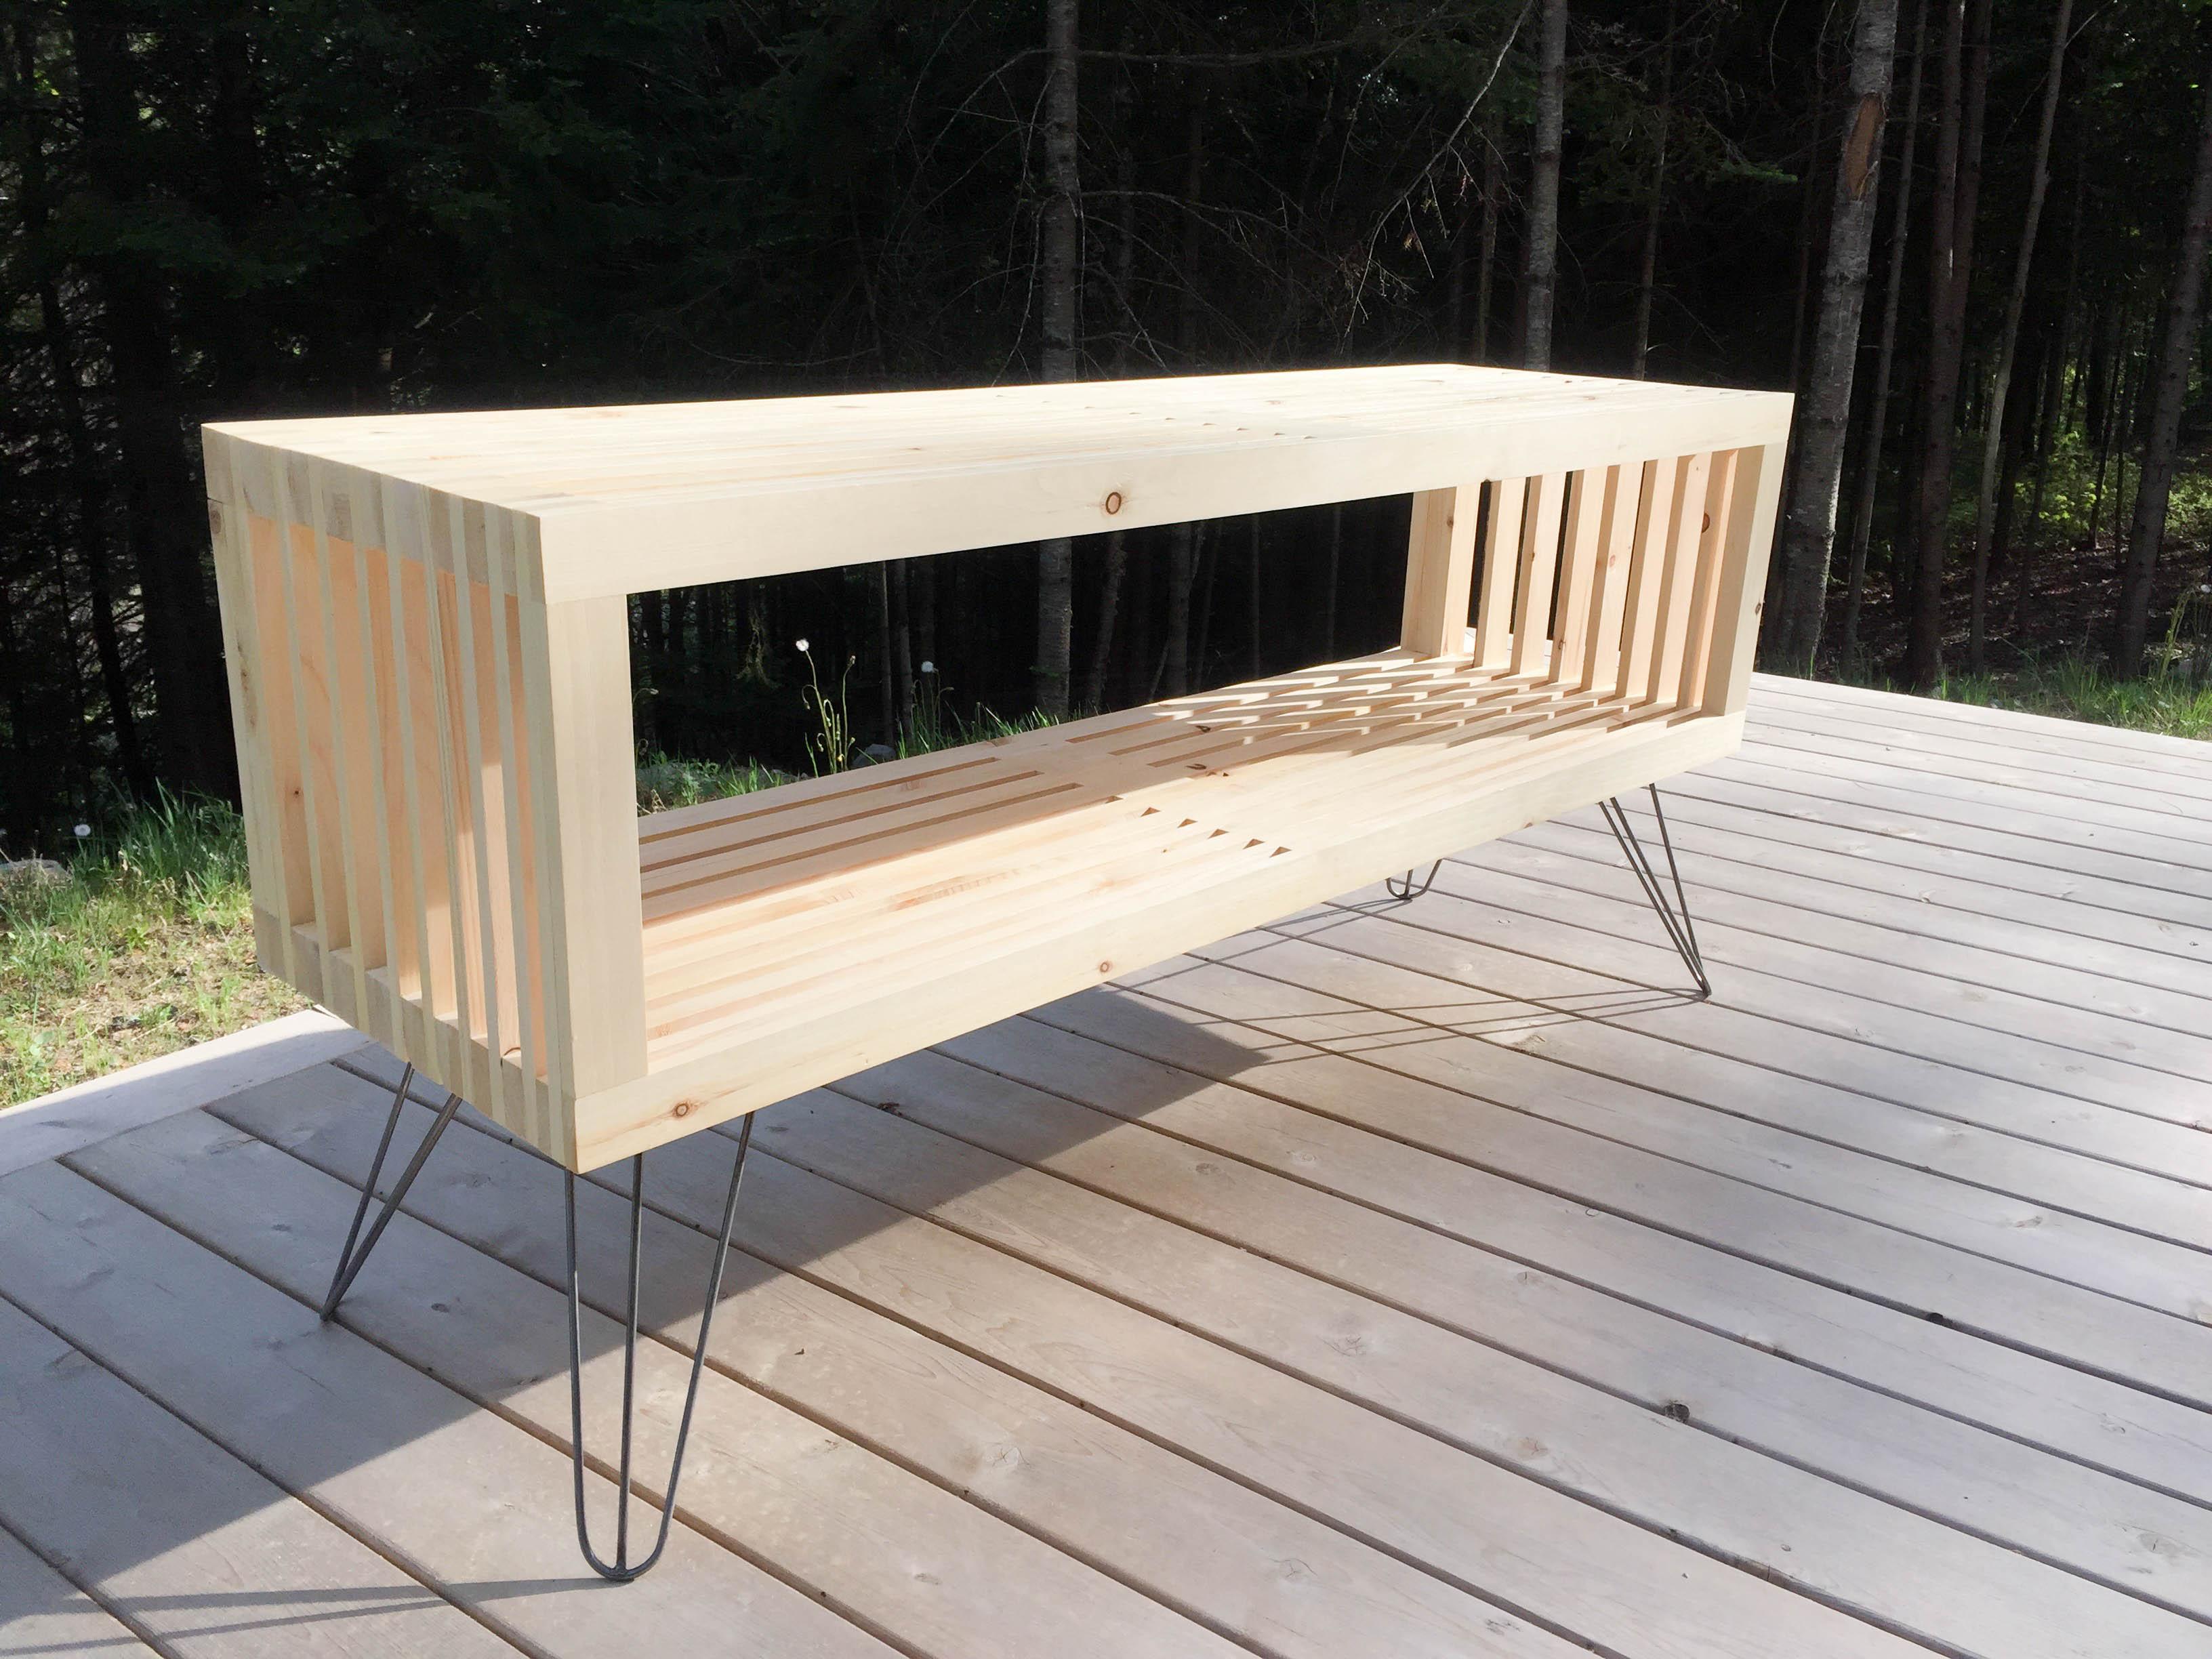 meubles roll 3-10